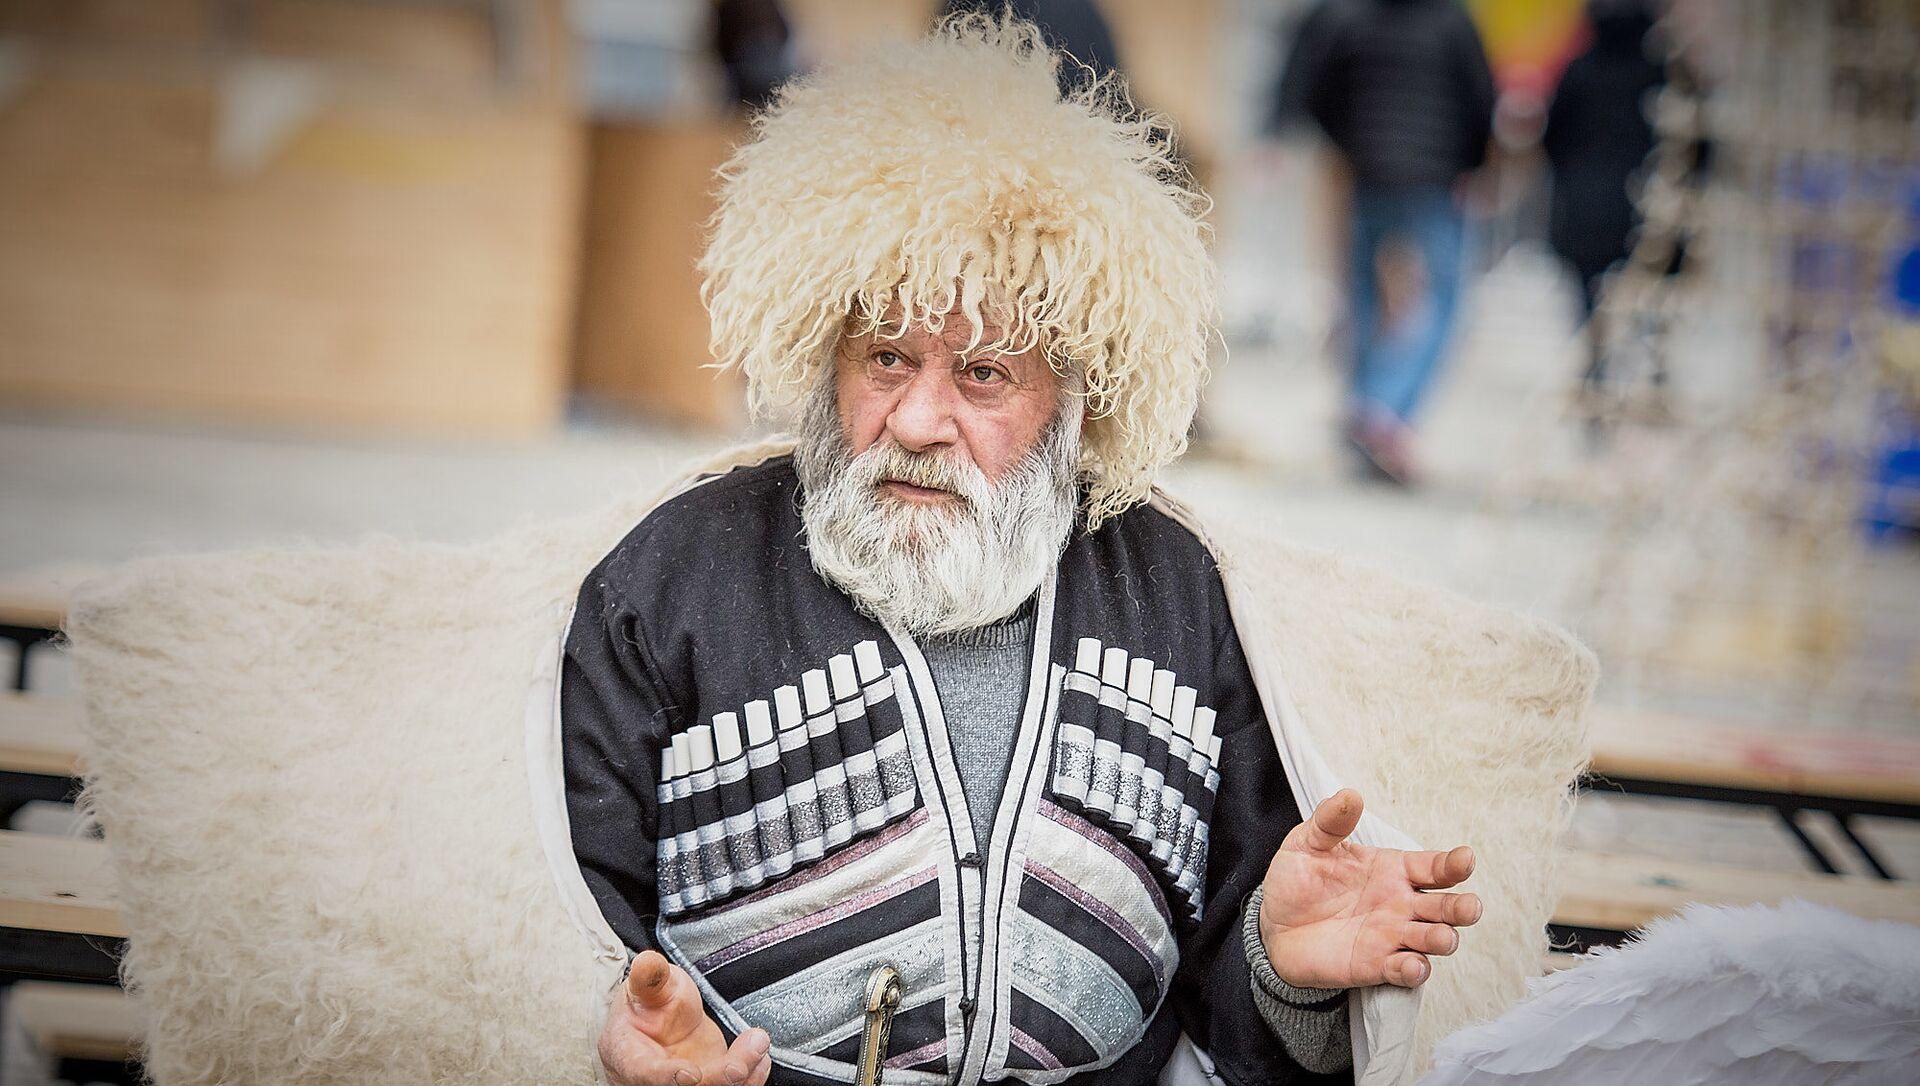 Пожилой житель Грузии на Рождественском шествим Алило - Sputnik Грузия, 1920, 26.05.2021